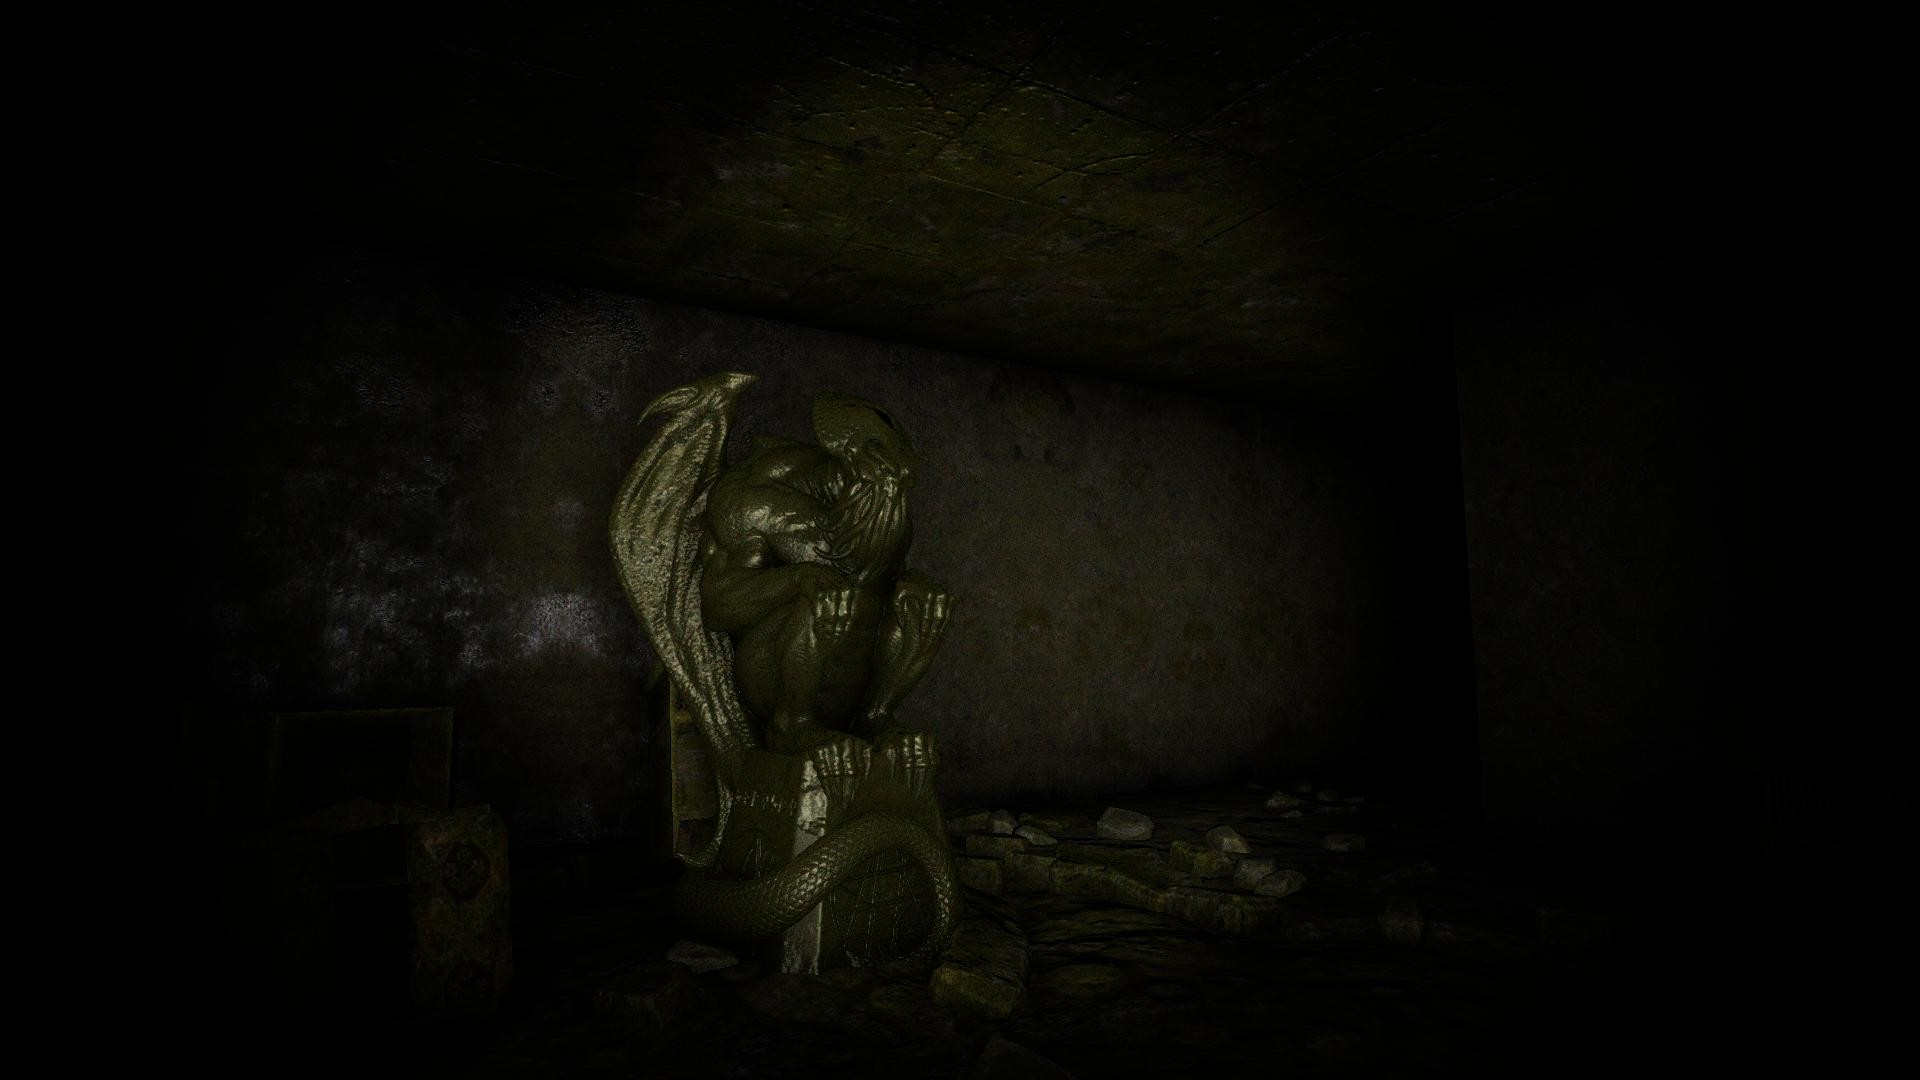 恐怖生存游戏《逃脱》上架Steam 直面远古邪神